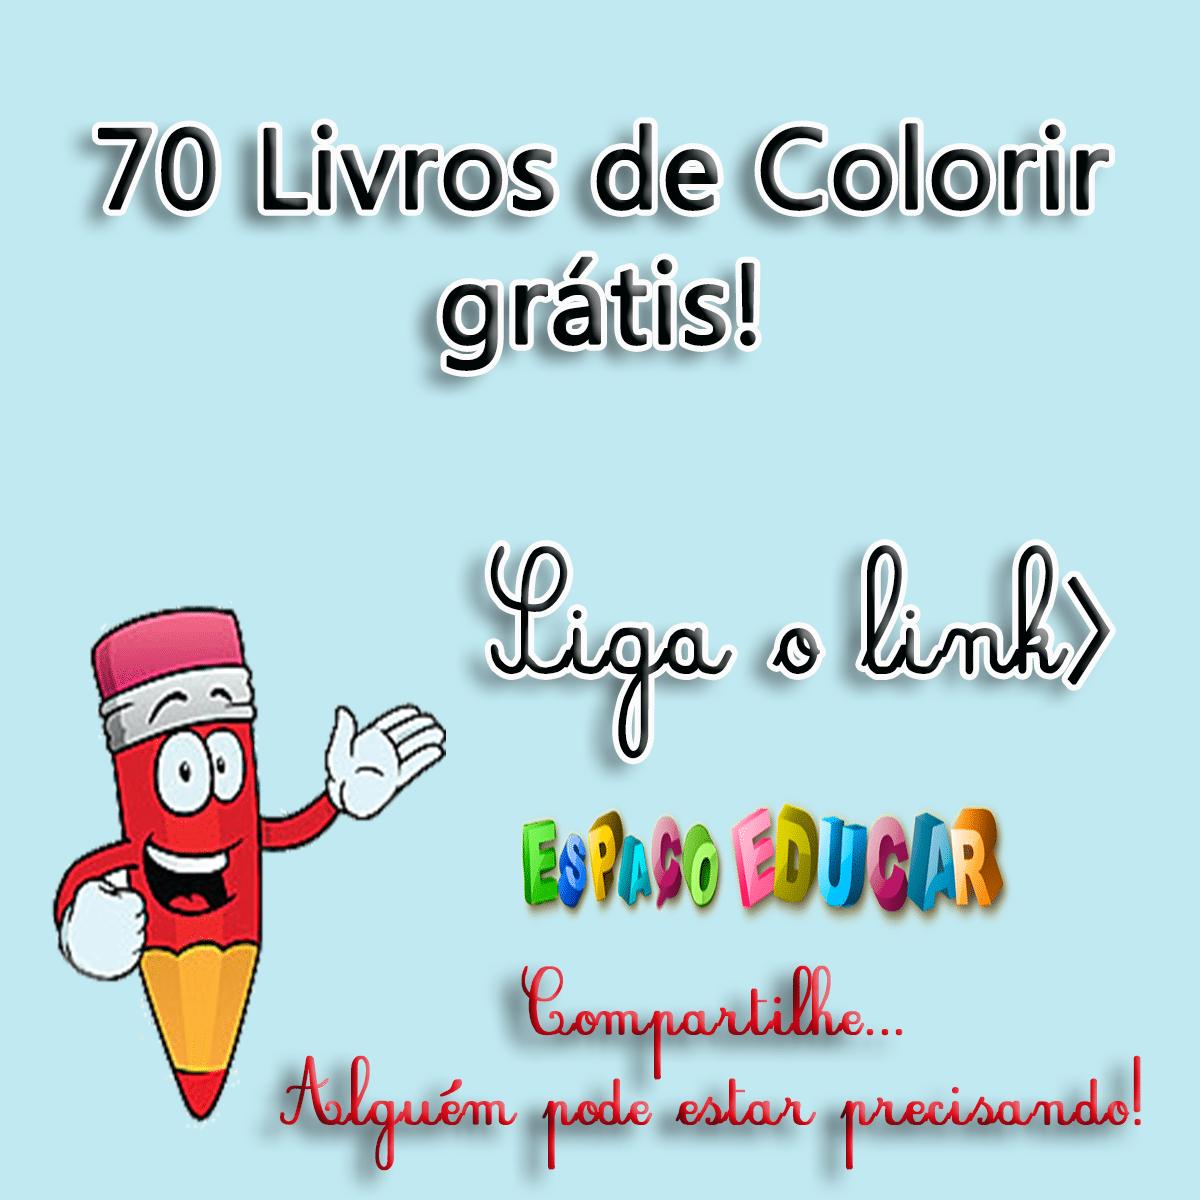 70 Livros De Colorir Grátis! Livros Com Atividades Ou Histórias